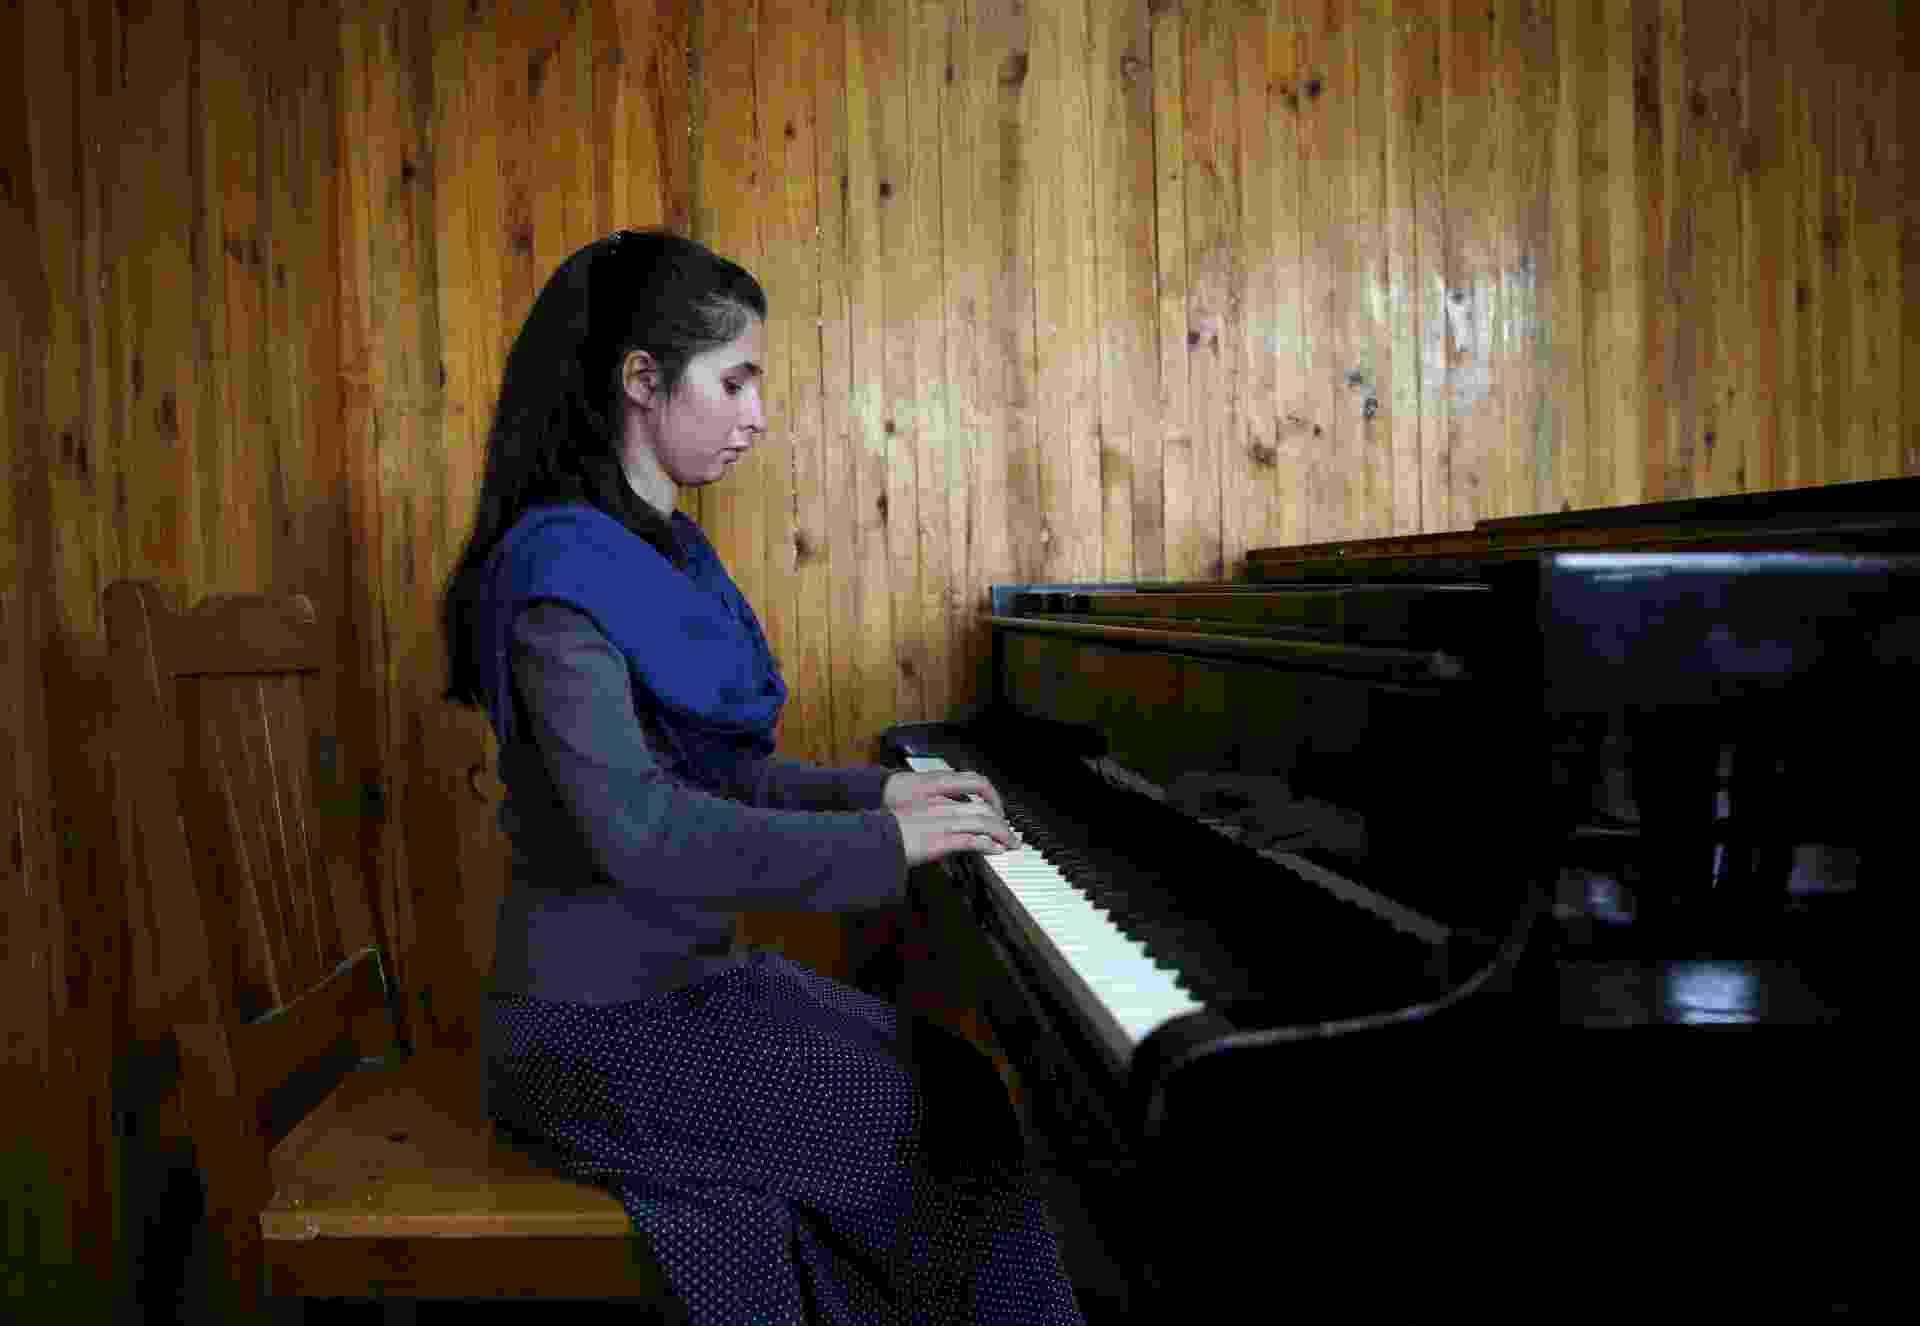 18.abr.2016 - Negin Ekhpulwak tem 19 anos e já lidera uma orquestra composta por 35 mulheres, em Cabul, no Afeganistão. É ela quem toca piano nessa foto tirada no dia 9 de abril no Instituto Nacional de Música do Afeganistão, que fica na capital afegã. No país, a atividade musical foi banida durante muitos anos durante o regime do Talibã e muitos muçulmanos conservadores desaprovam a maioria das formas de música - Ahmad Masood/Reuters